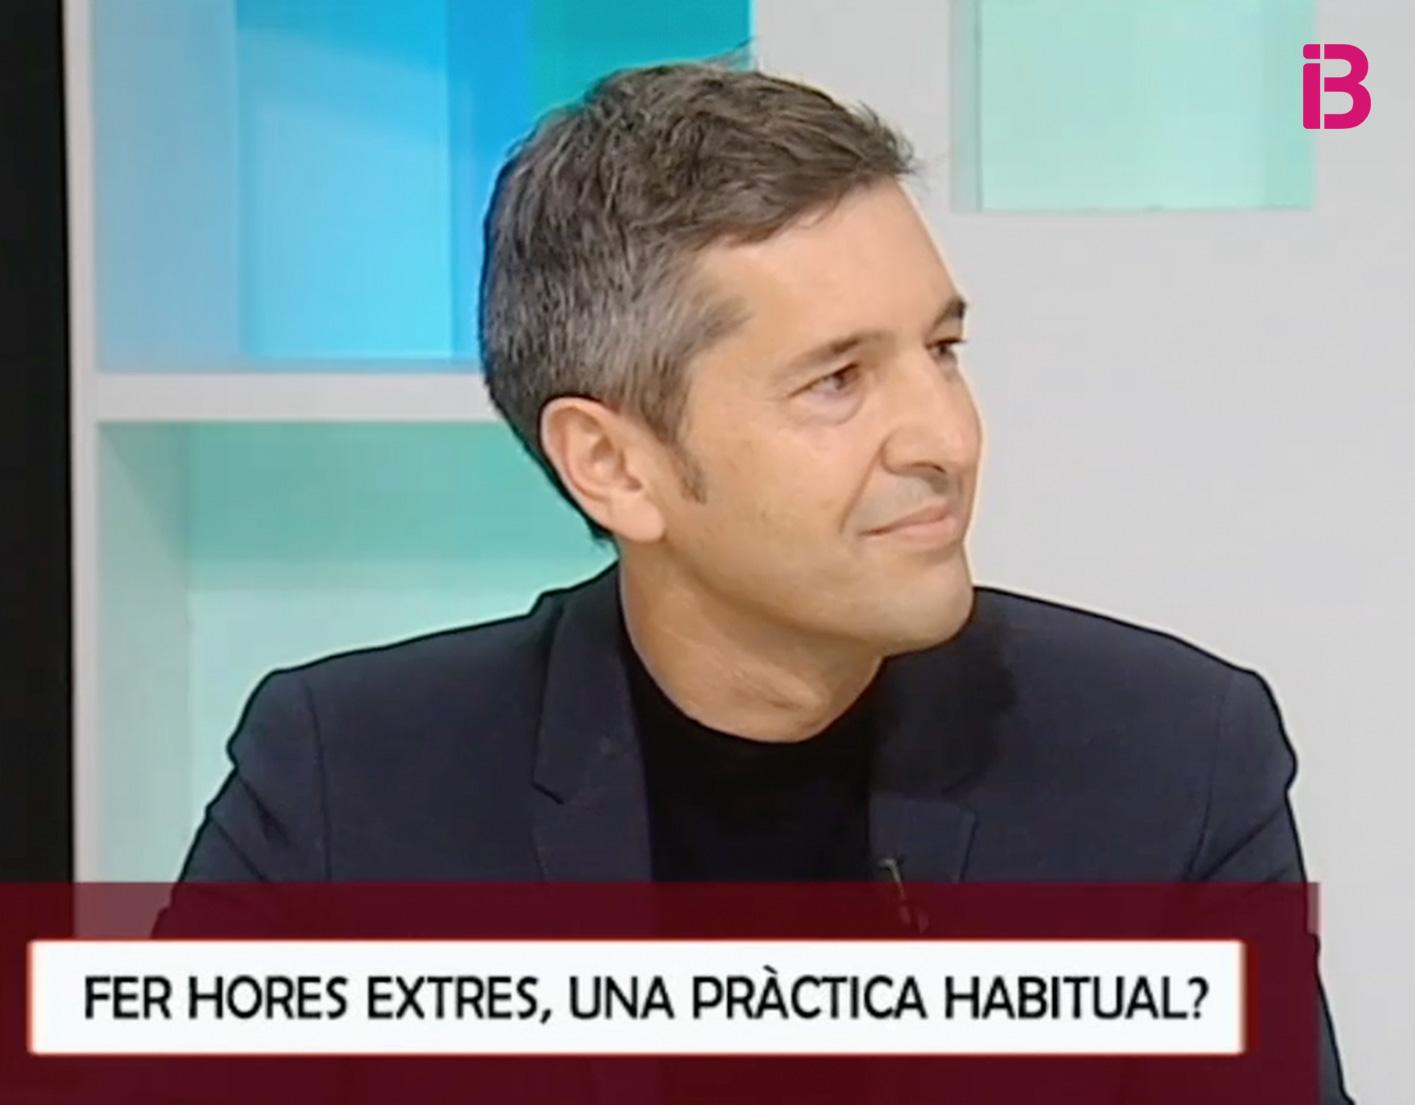 """José Manuel Raya participa en el especial sobre horas extras del programa """"5 dies"""" de IB3"""